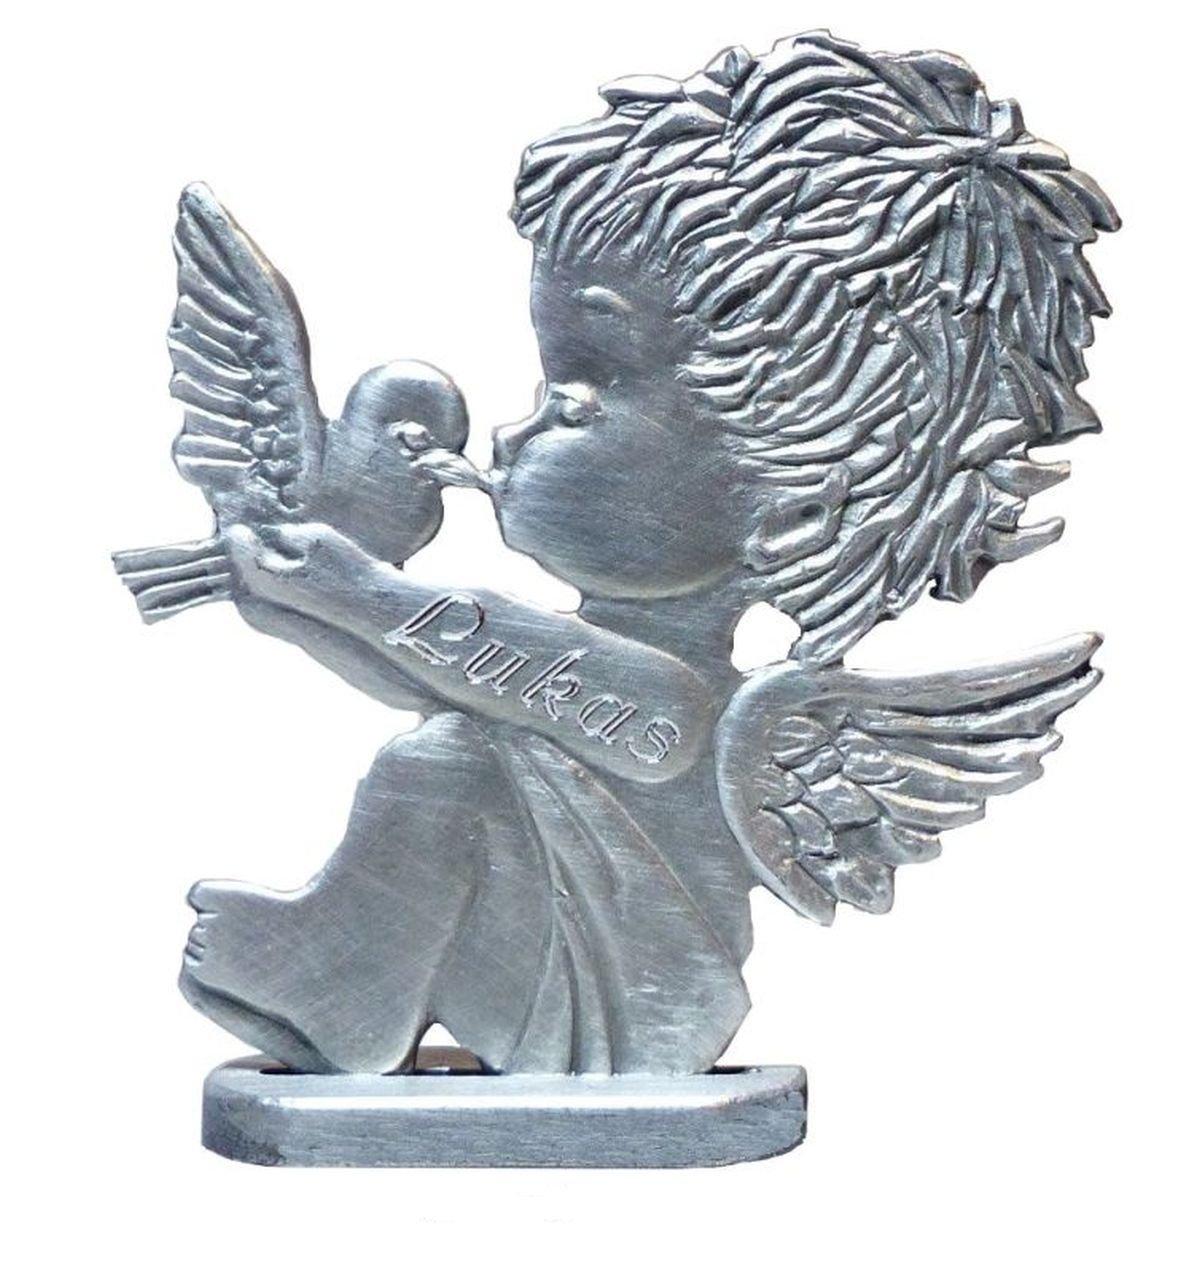 Engel mit Taube patiniert aus Zinn mit Fuß und einer persönlichen Gravur Ihrer Wahl, weitere Details zur Abwicklung finden Sie neben dem Bild (auch ohne Gravur erhältlich, siehe ASIN: B01NBWRFPS ) Wunschgravur, Zinnfigur, Vitrinenfigur, Baby-Deko, zur Gebu